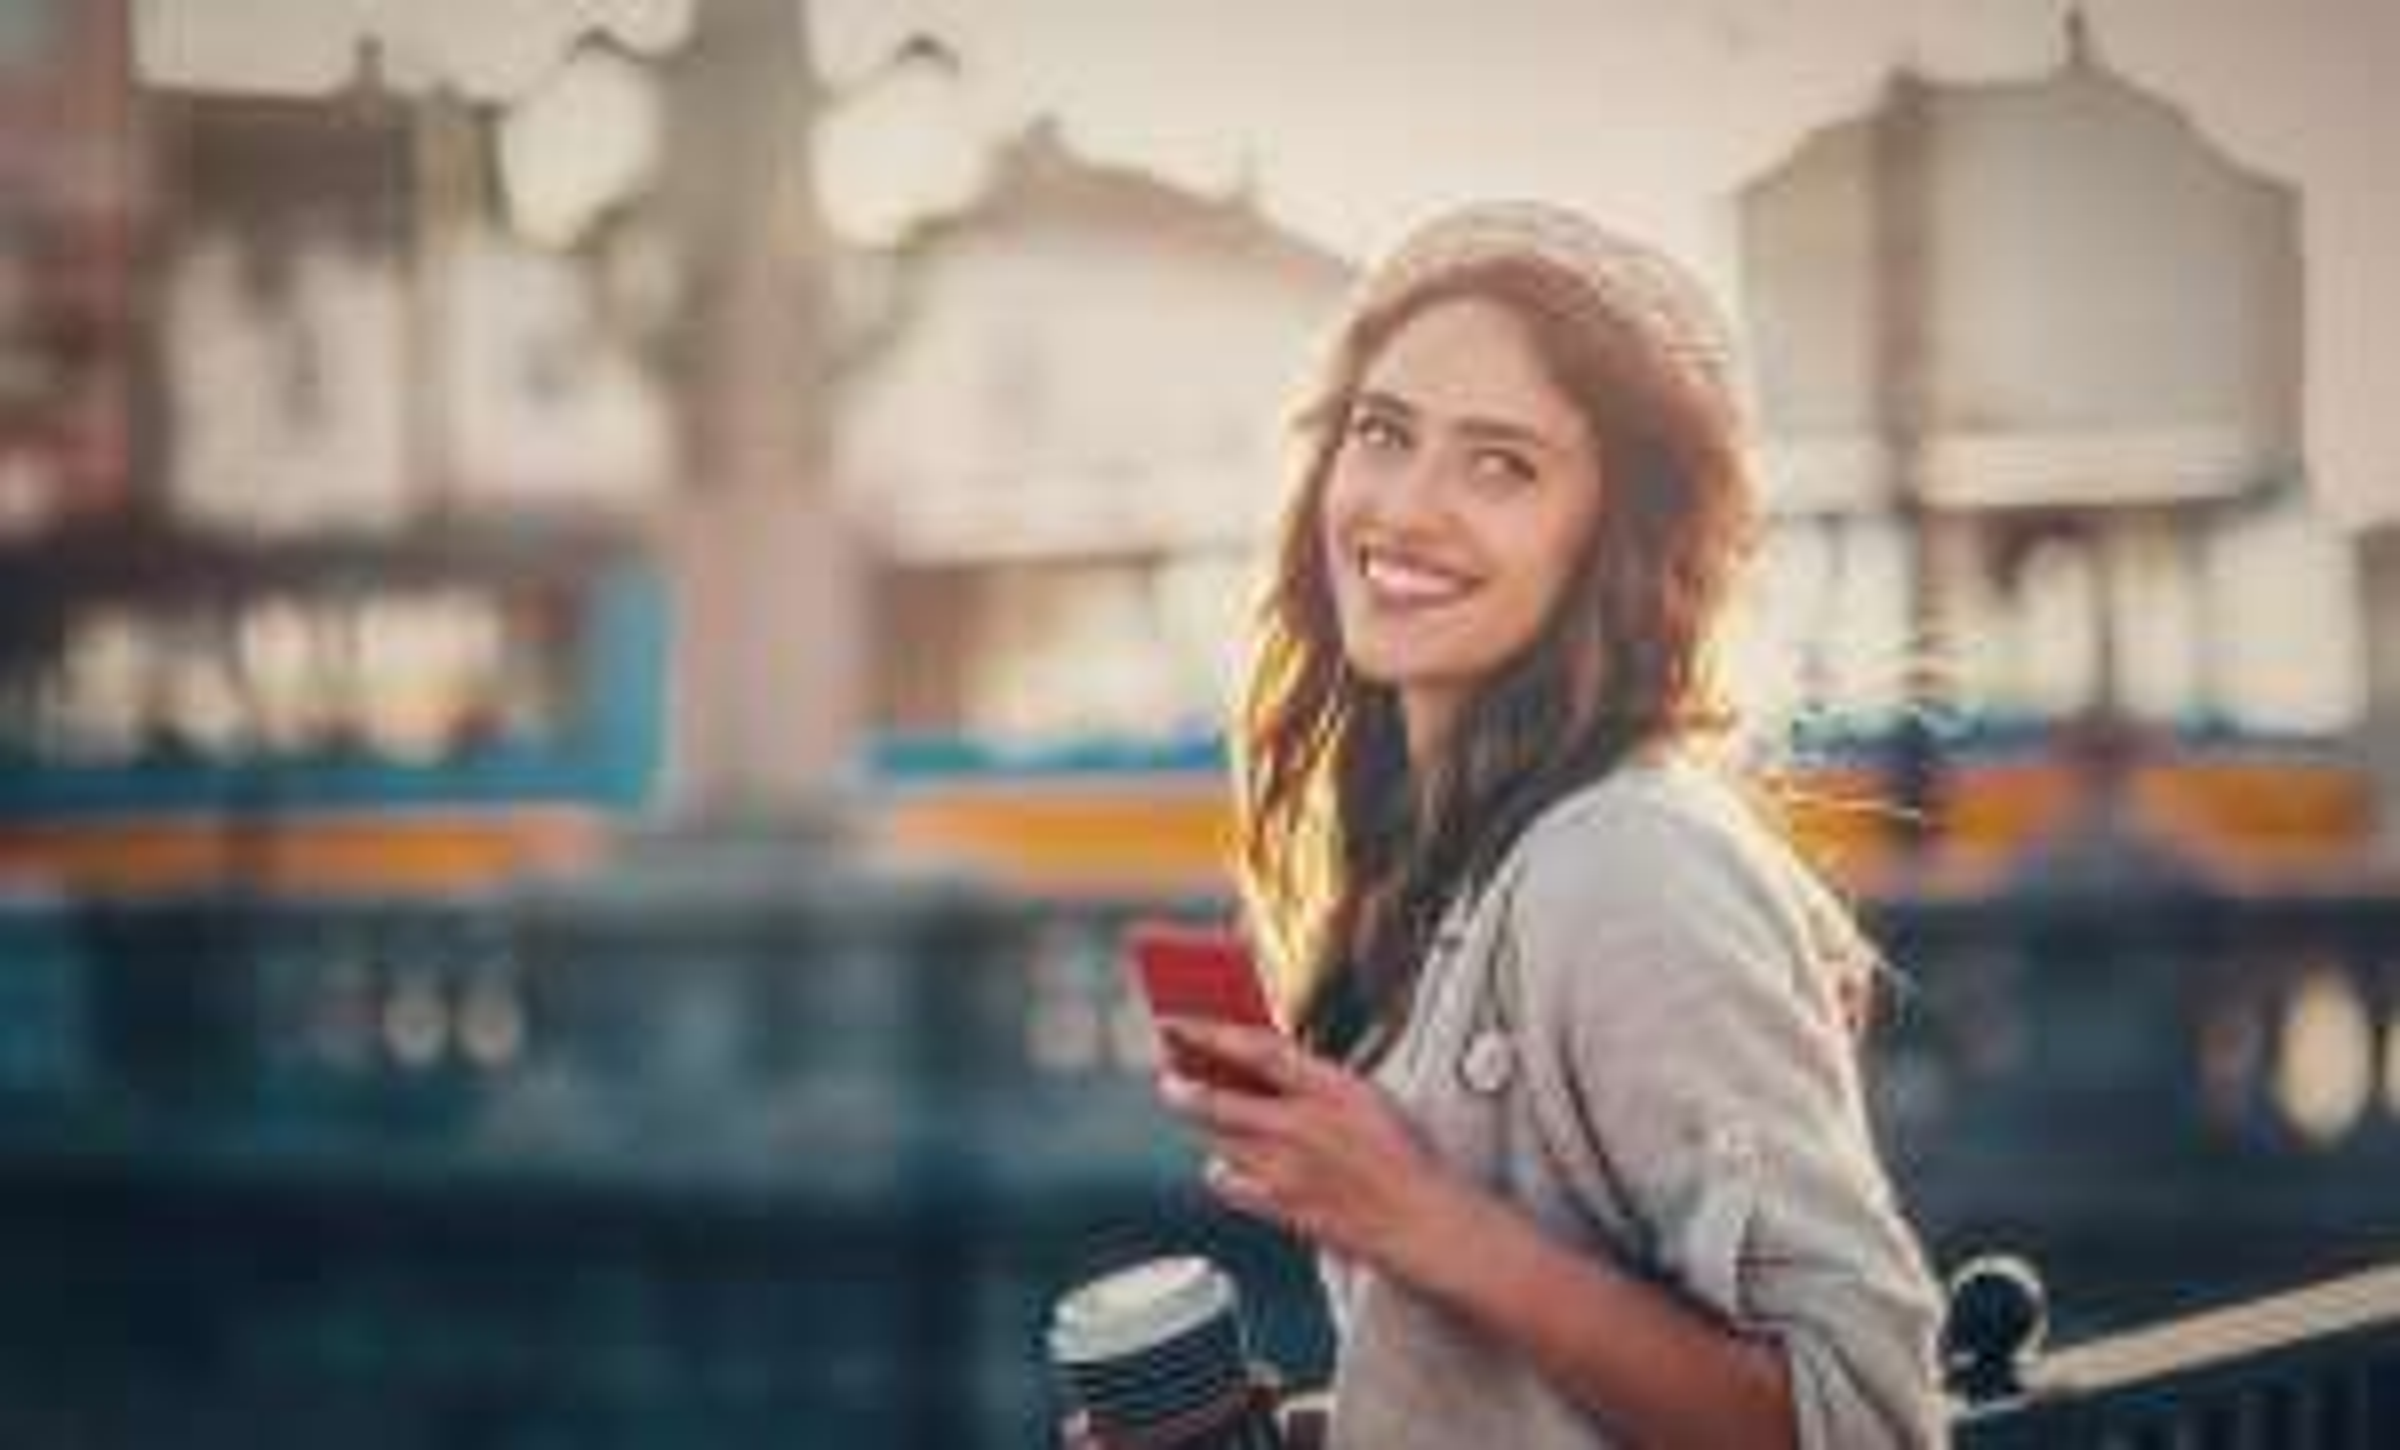 Für Studenten: iPhone 12 Pro (256 GB) im YOUNG L Vertrag mit 40 GB LTE/5G von Vodafone